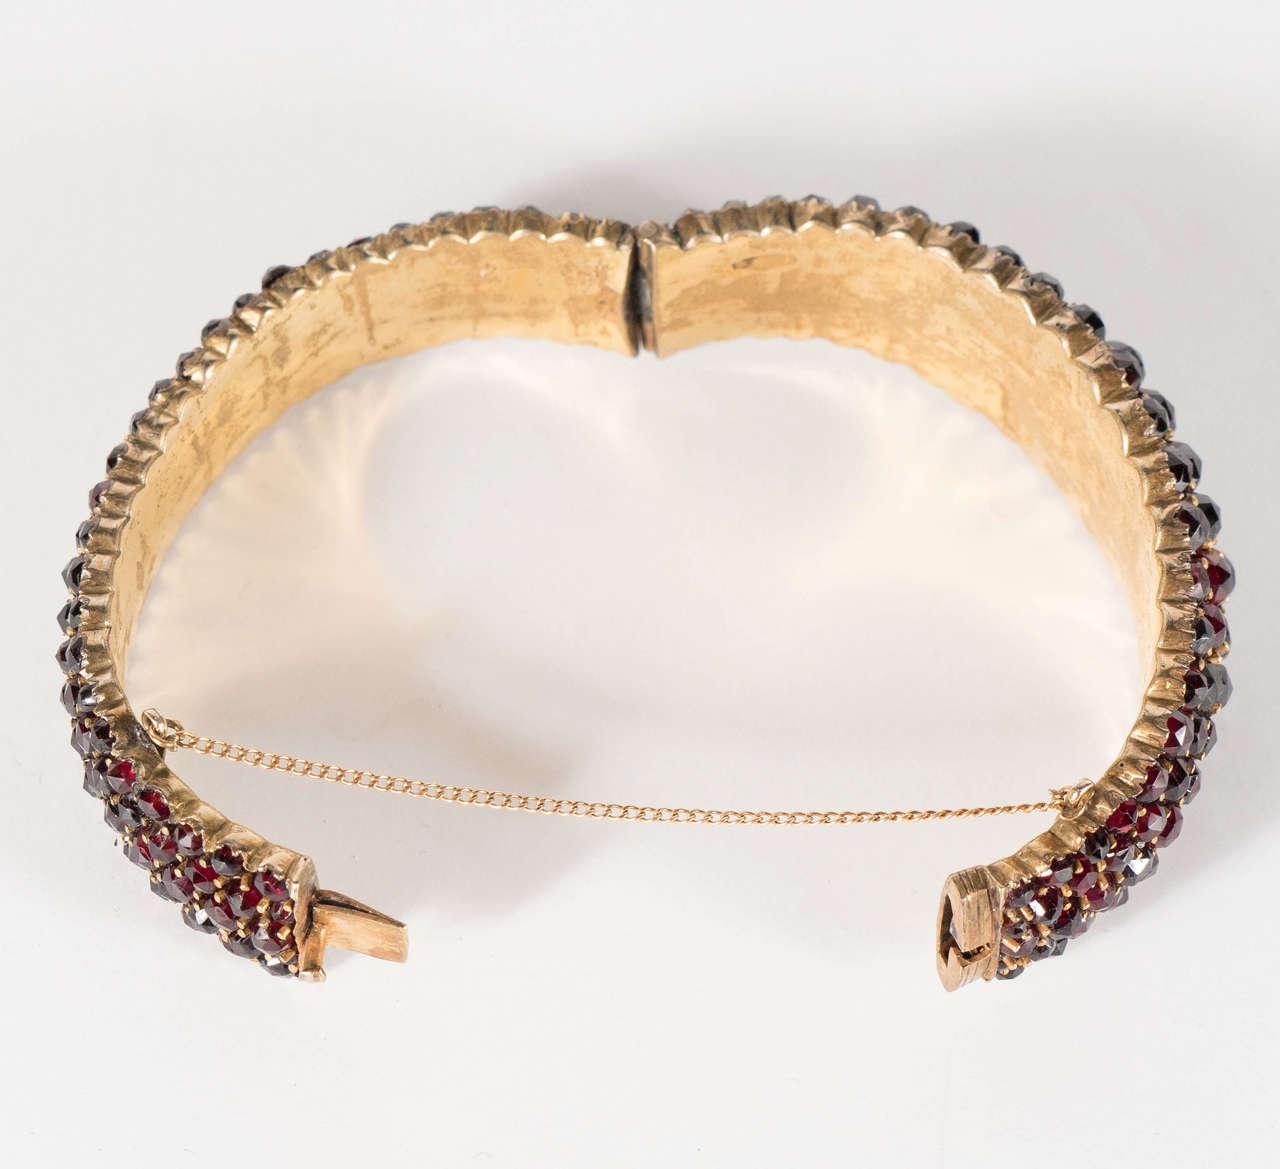 Exquisite Antique Bohemian Garnet Silver Gold Bangle Bracelet 6